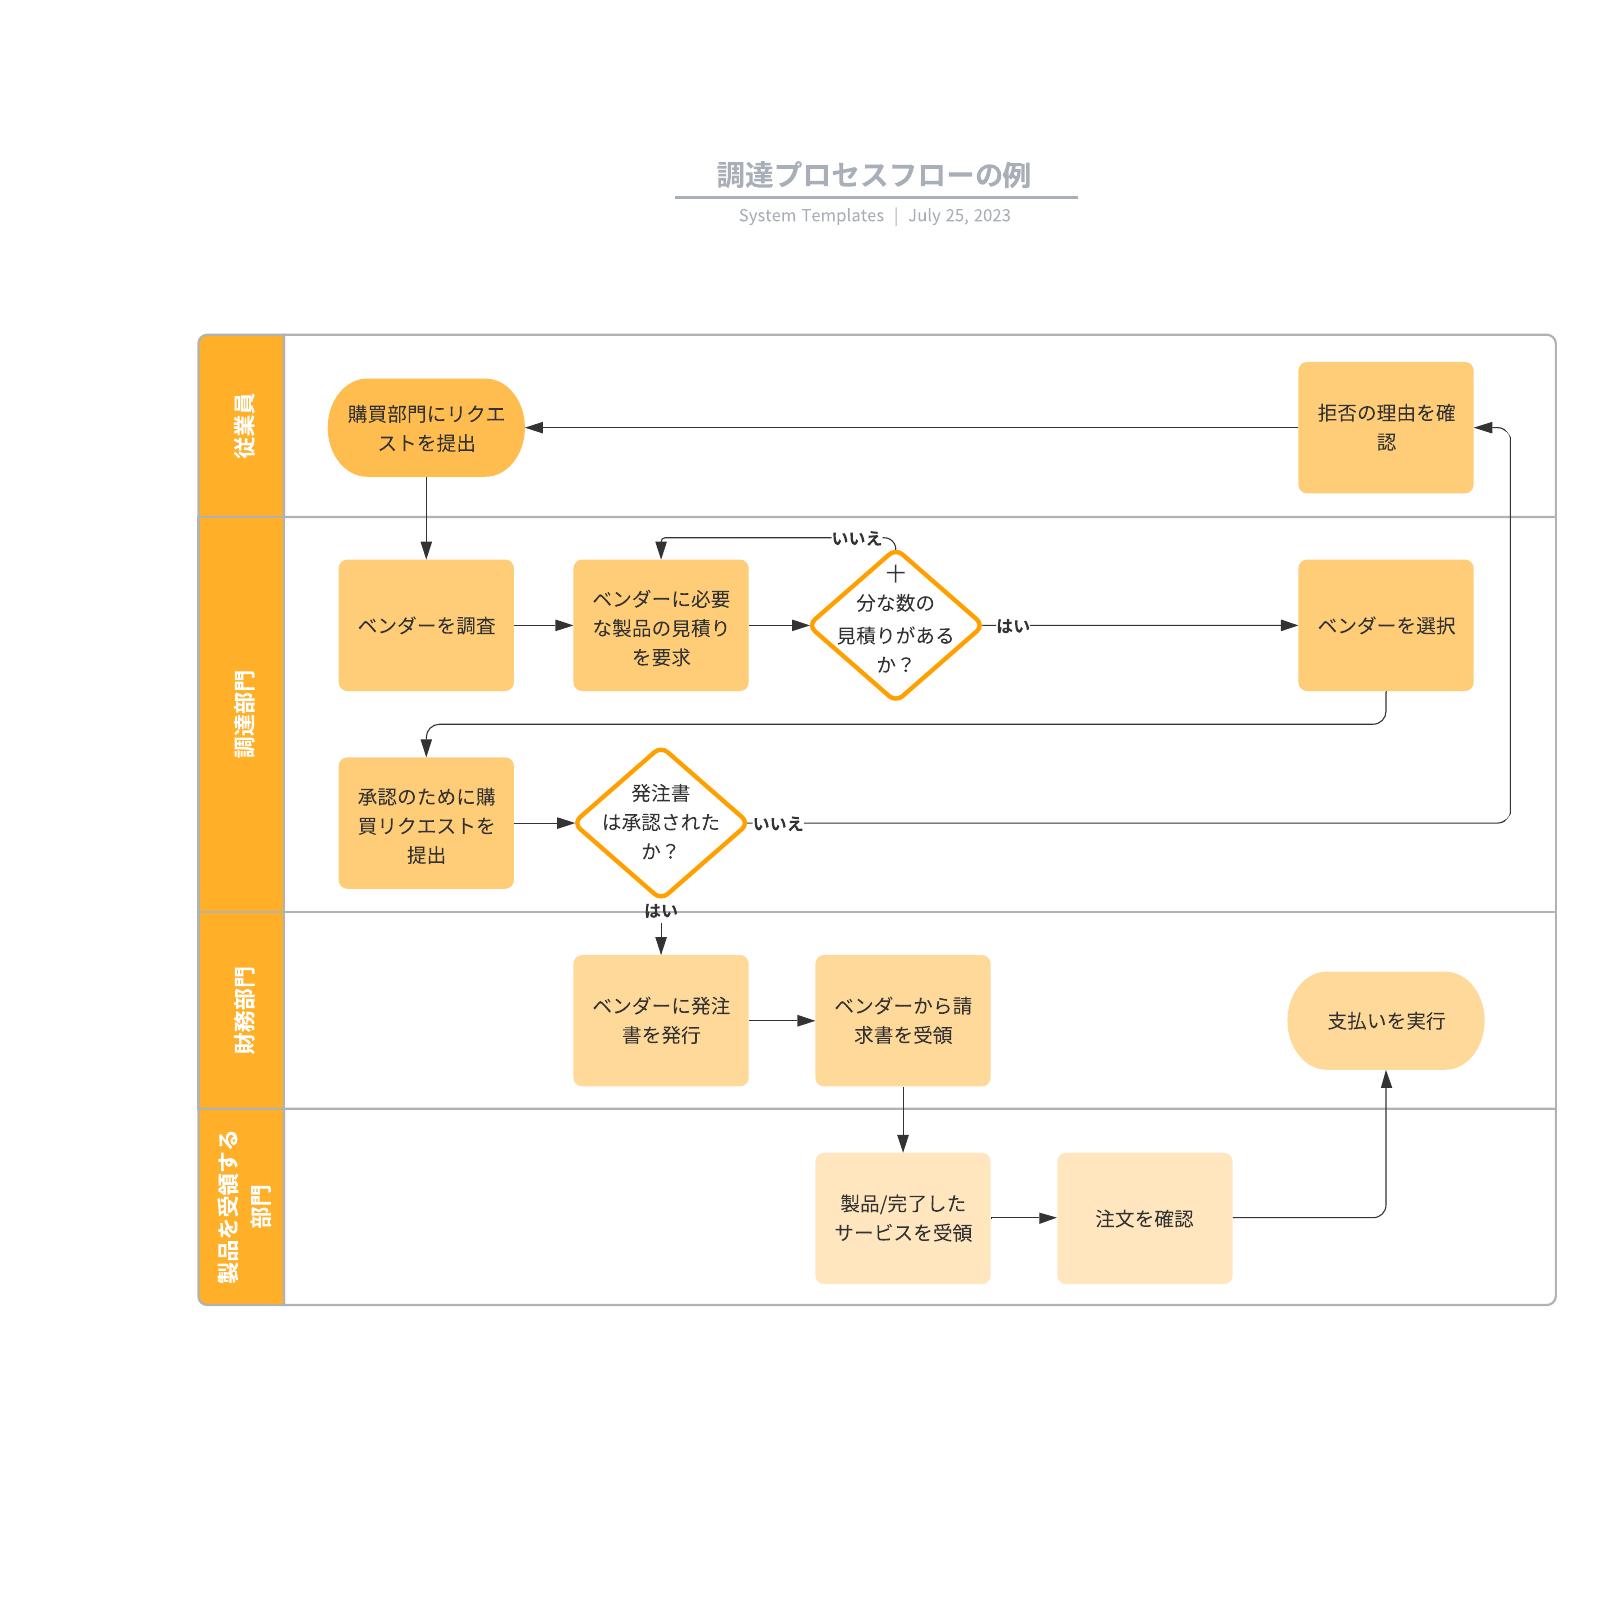 業務の可視化をした業務フローの例